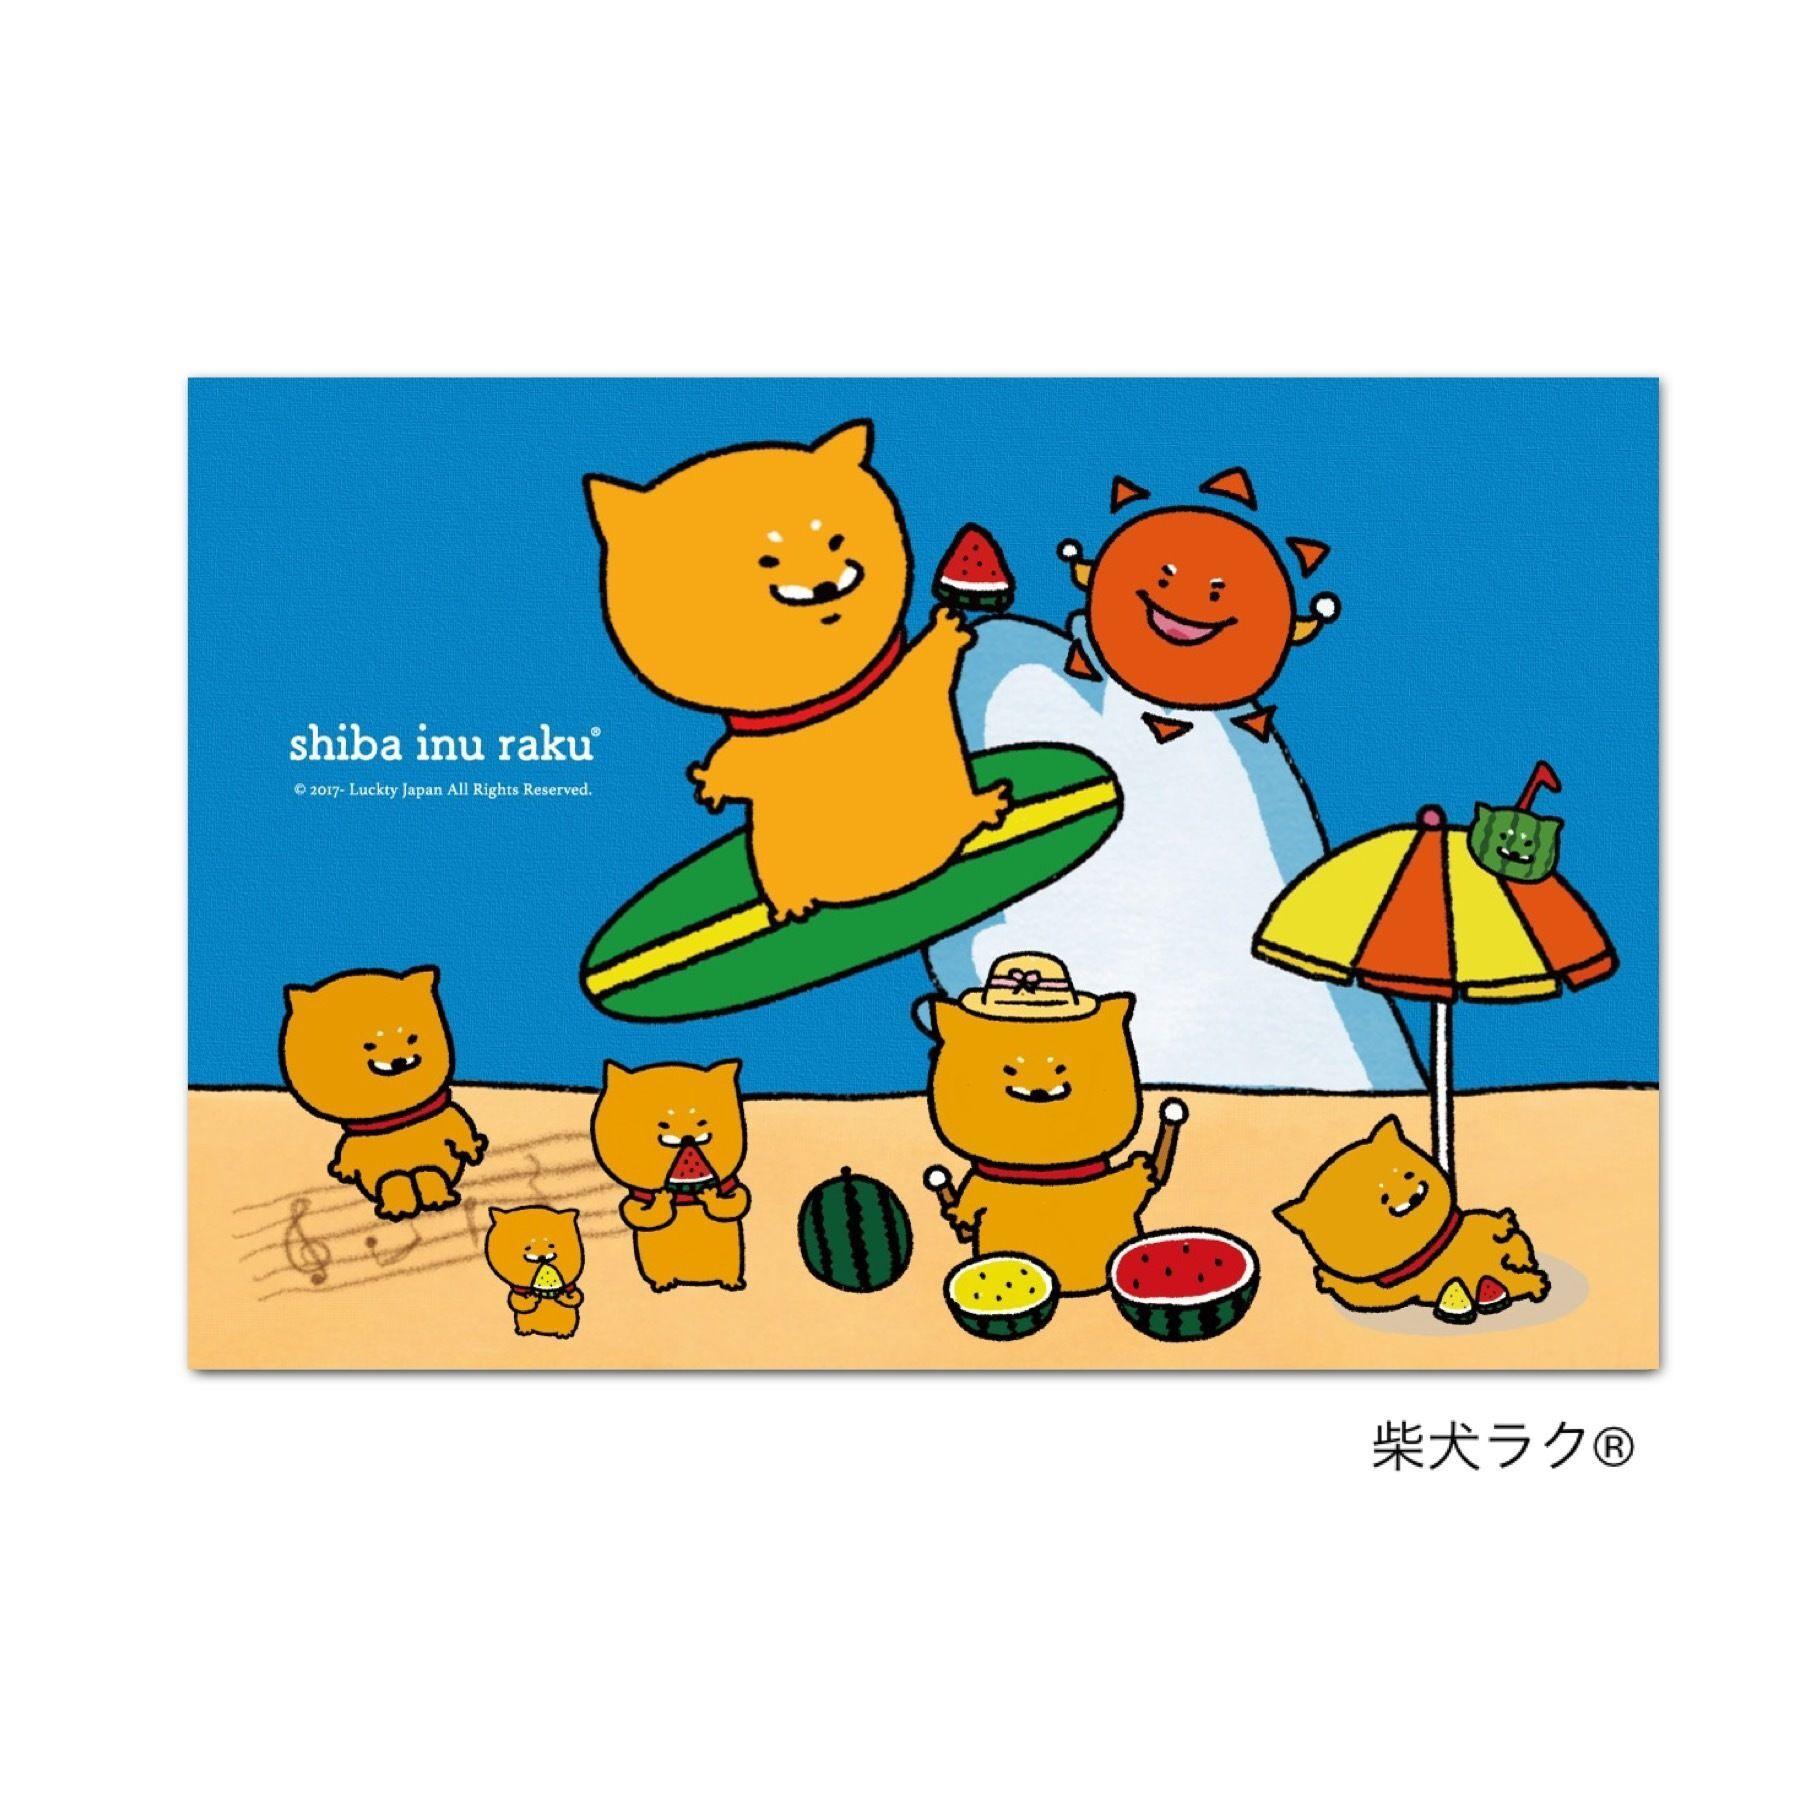 柴犬ラク ポストカード(なつやすみ2019)